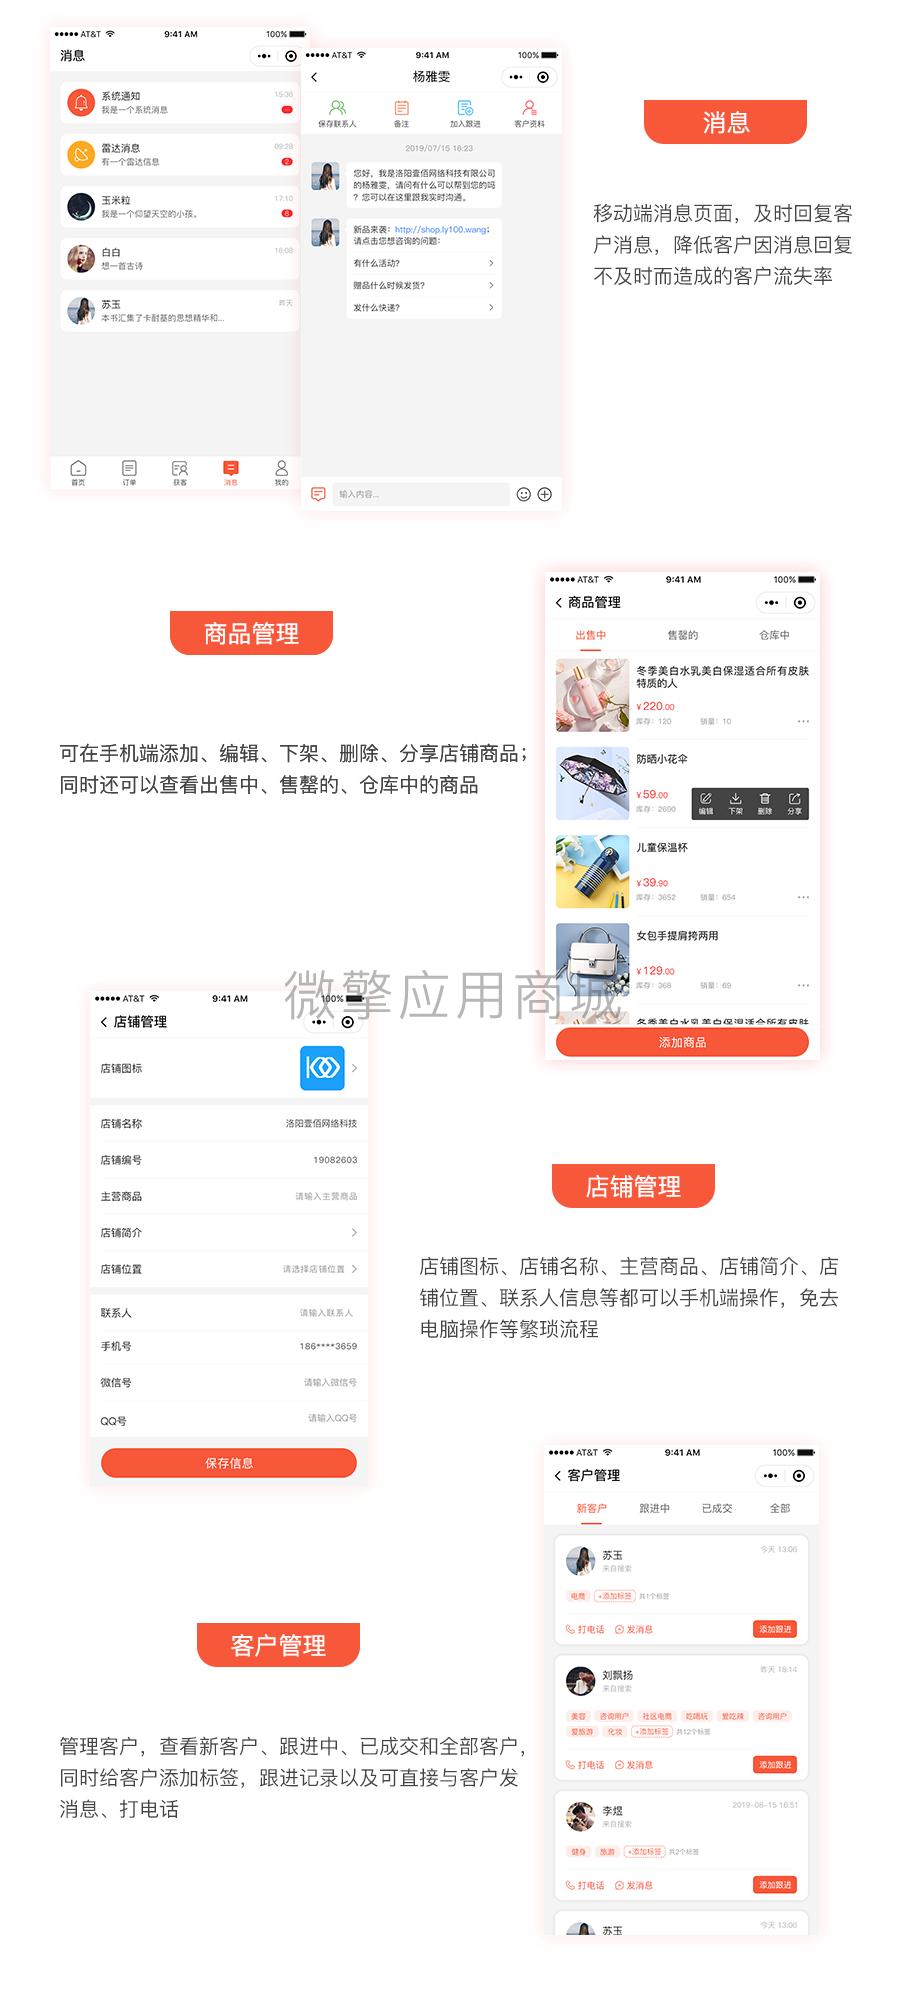 【全端小程序】壹佰多商户V1.0.41独立版小程序源码,可以用手机端开店的多商户商城小程序 QQ小程序 第6张